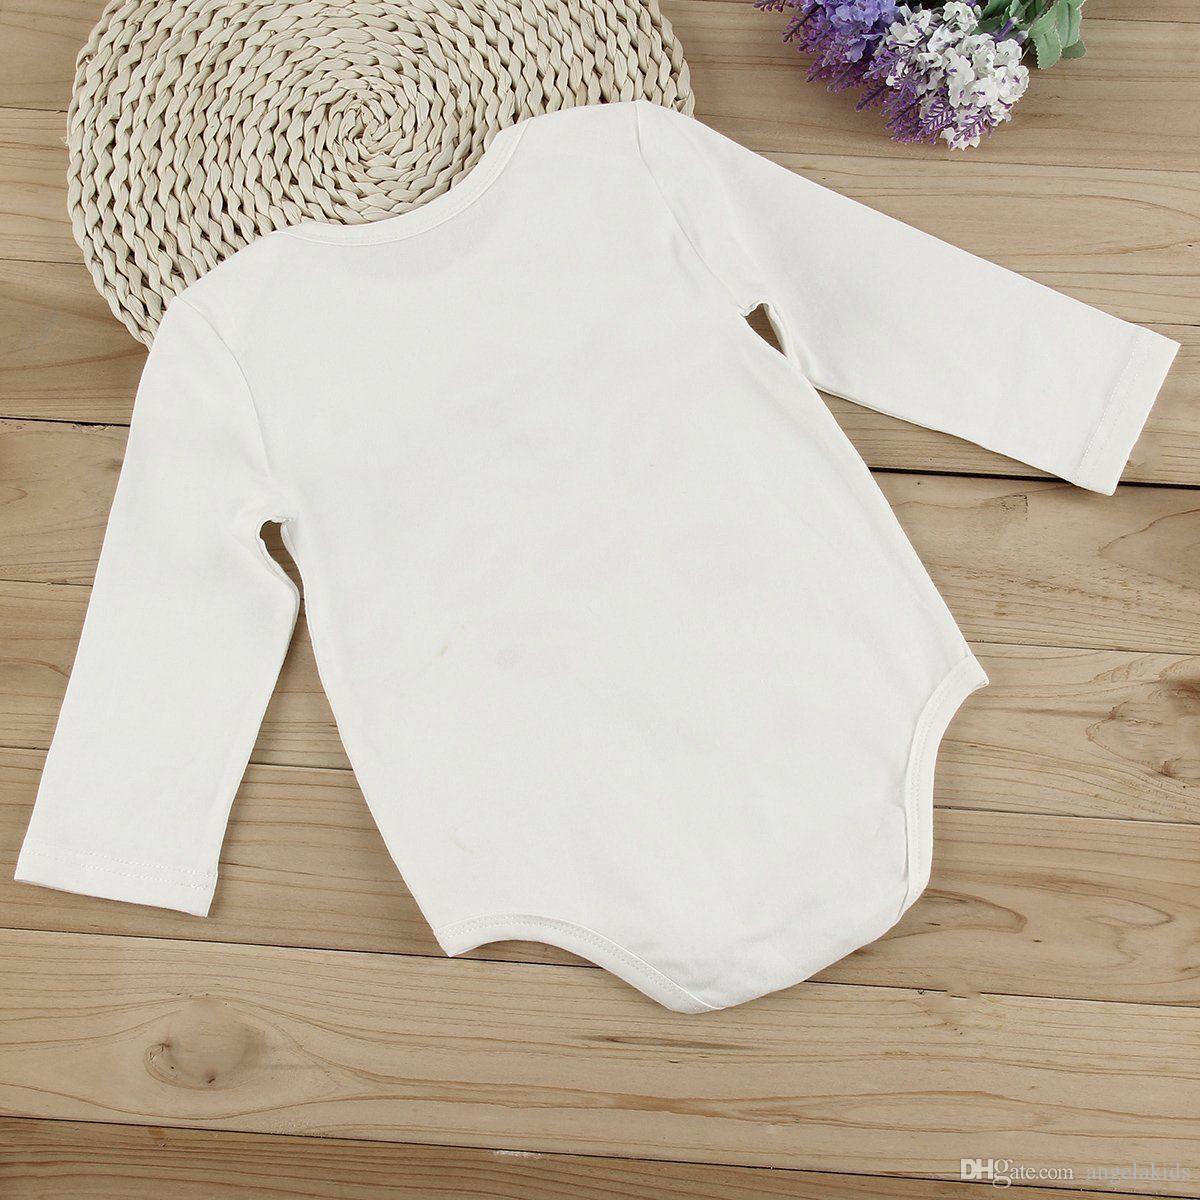 Newborn Baby Bodysuit Lip prints Cotton Romper Infant Boy Girl Costume Romper Jumpsuit Kids Clothes Outfit newborn boy clothes